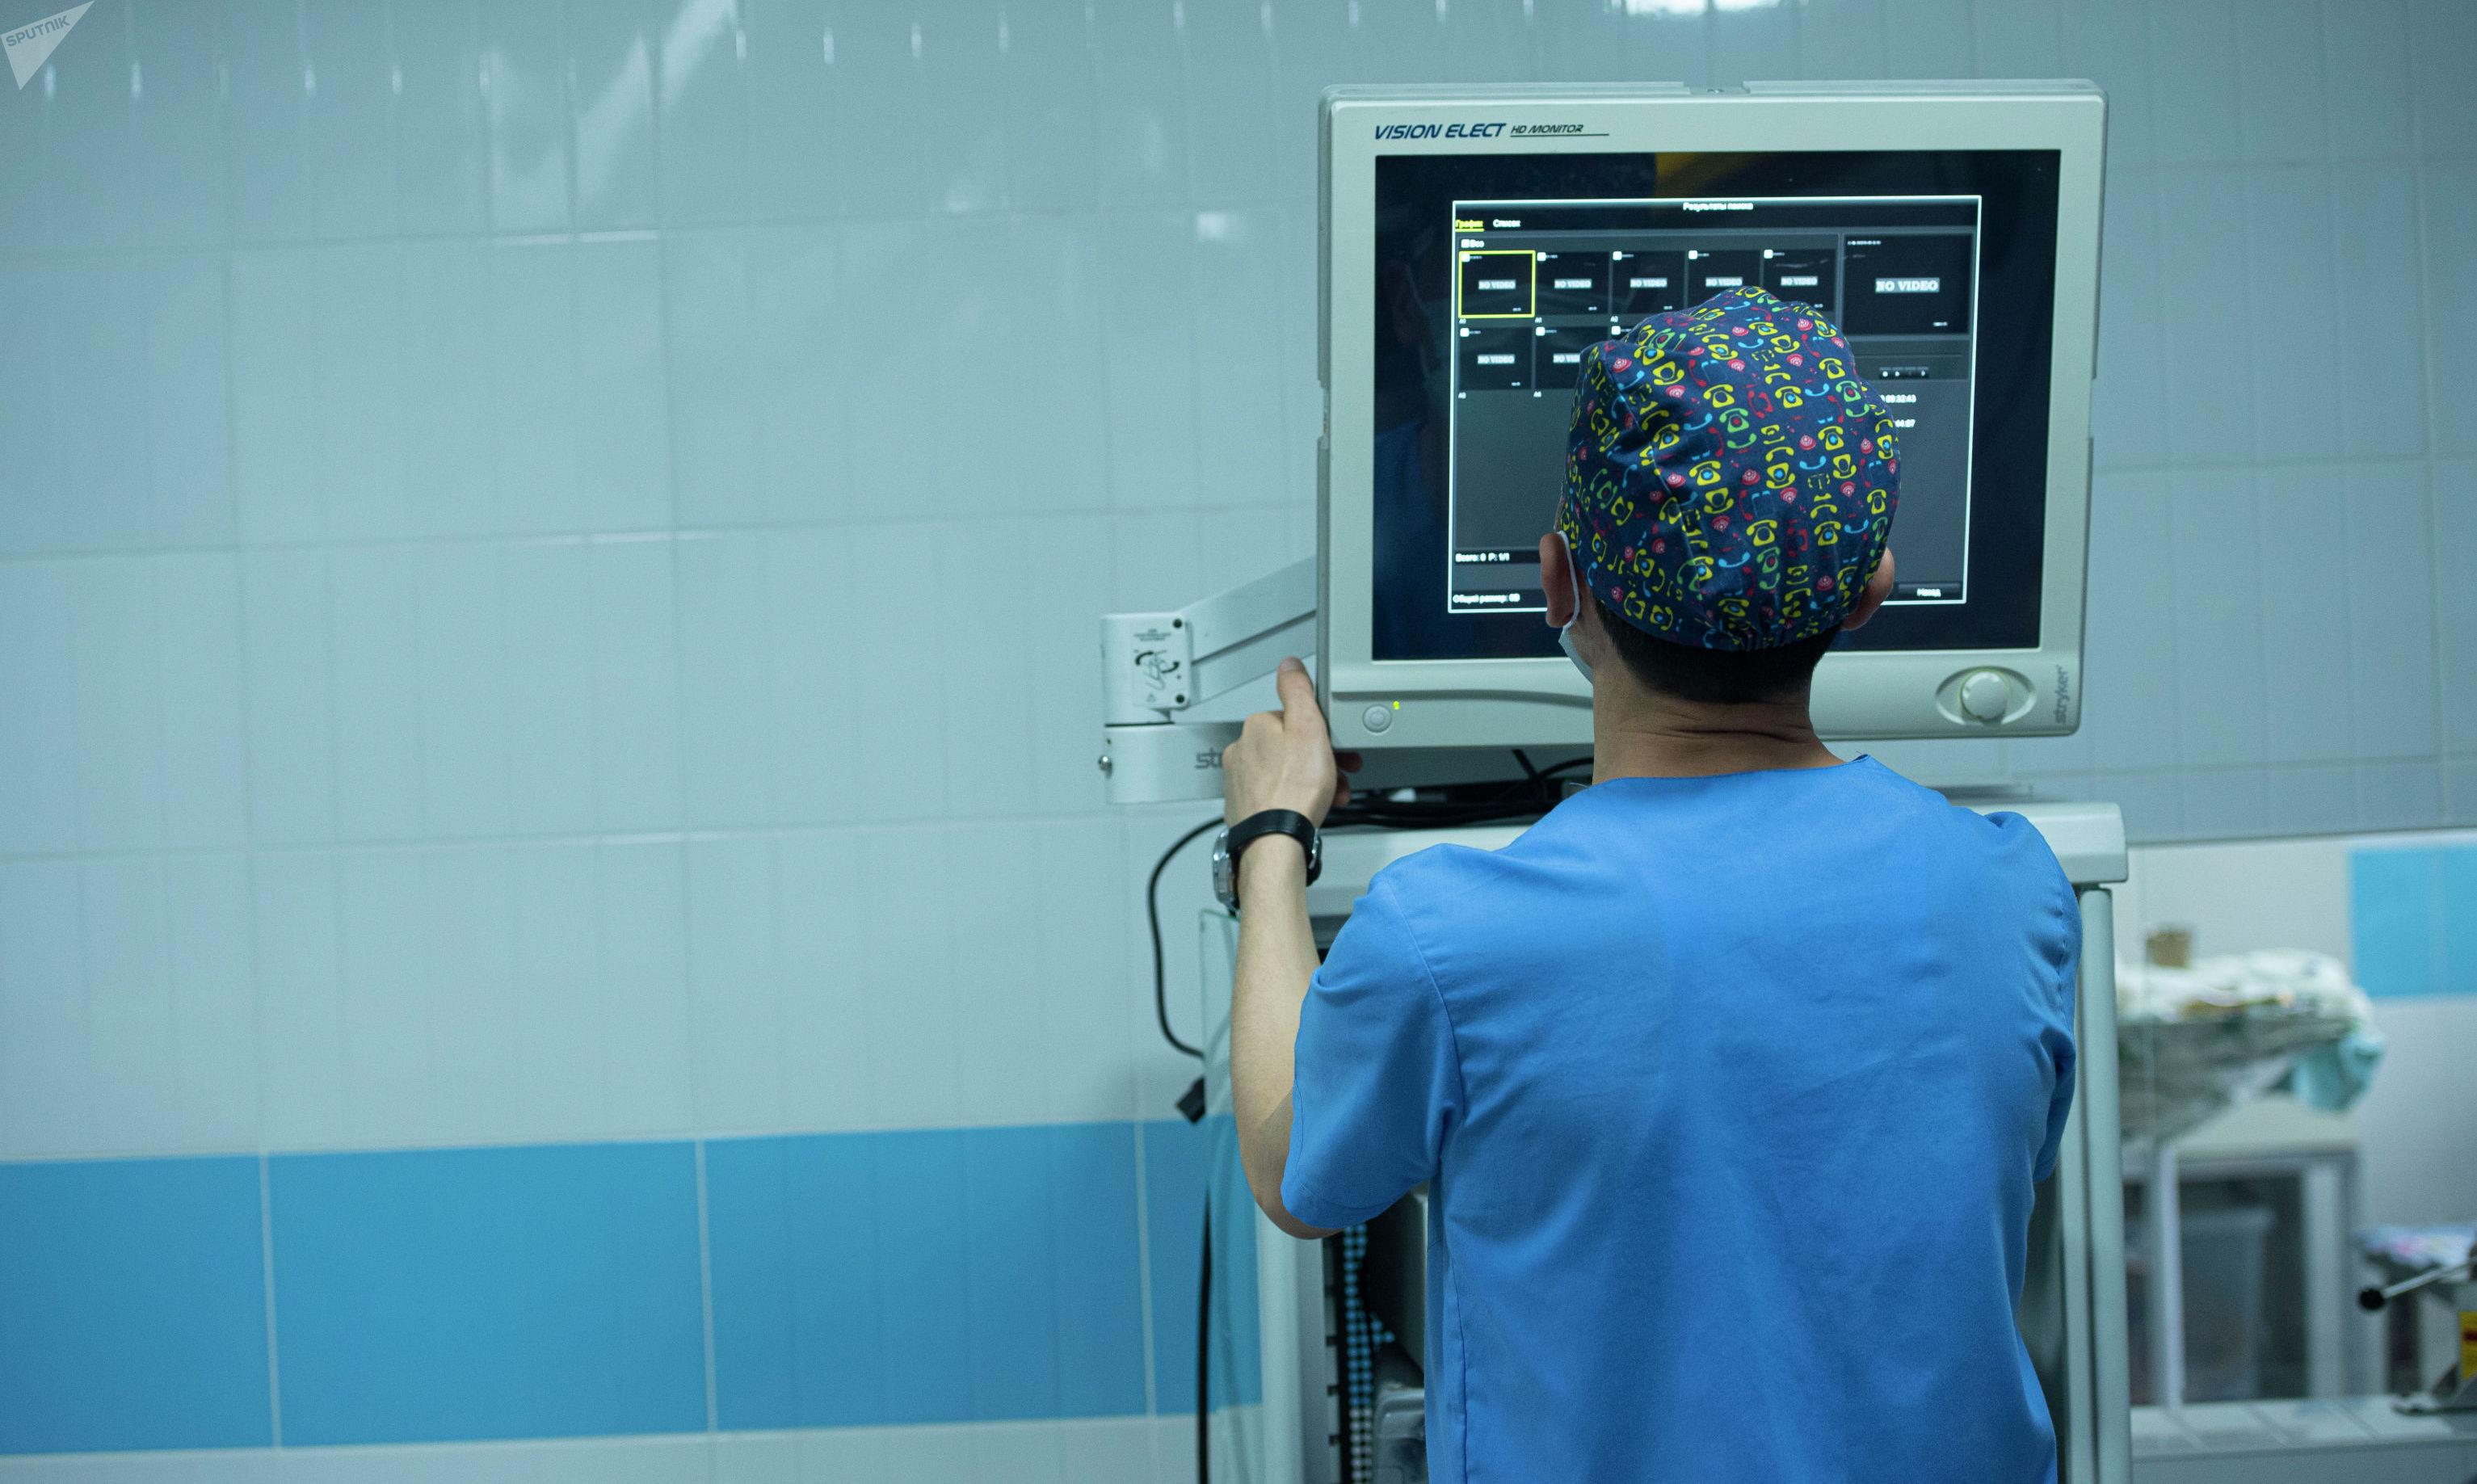 Операционная комната Национального центра нейрохирургии в Бишкеке